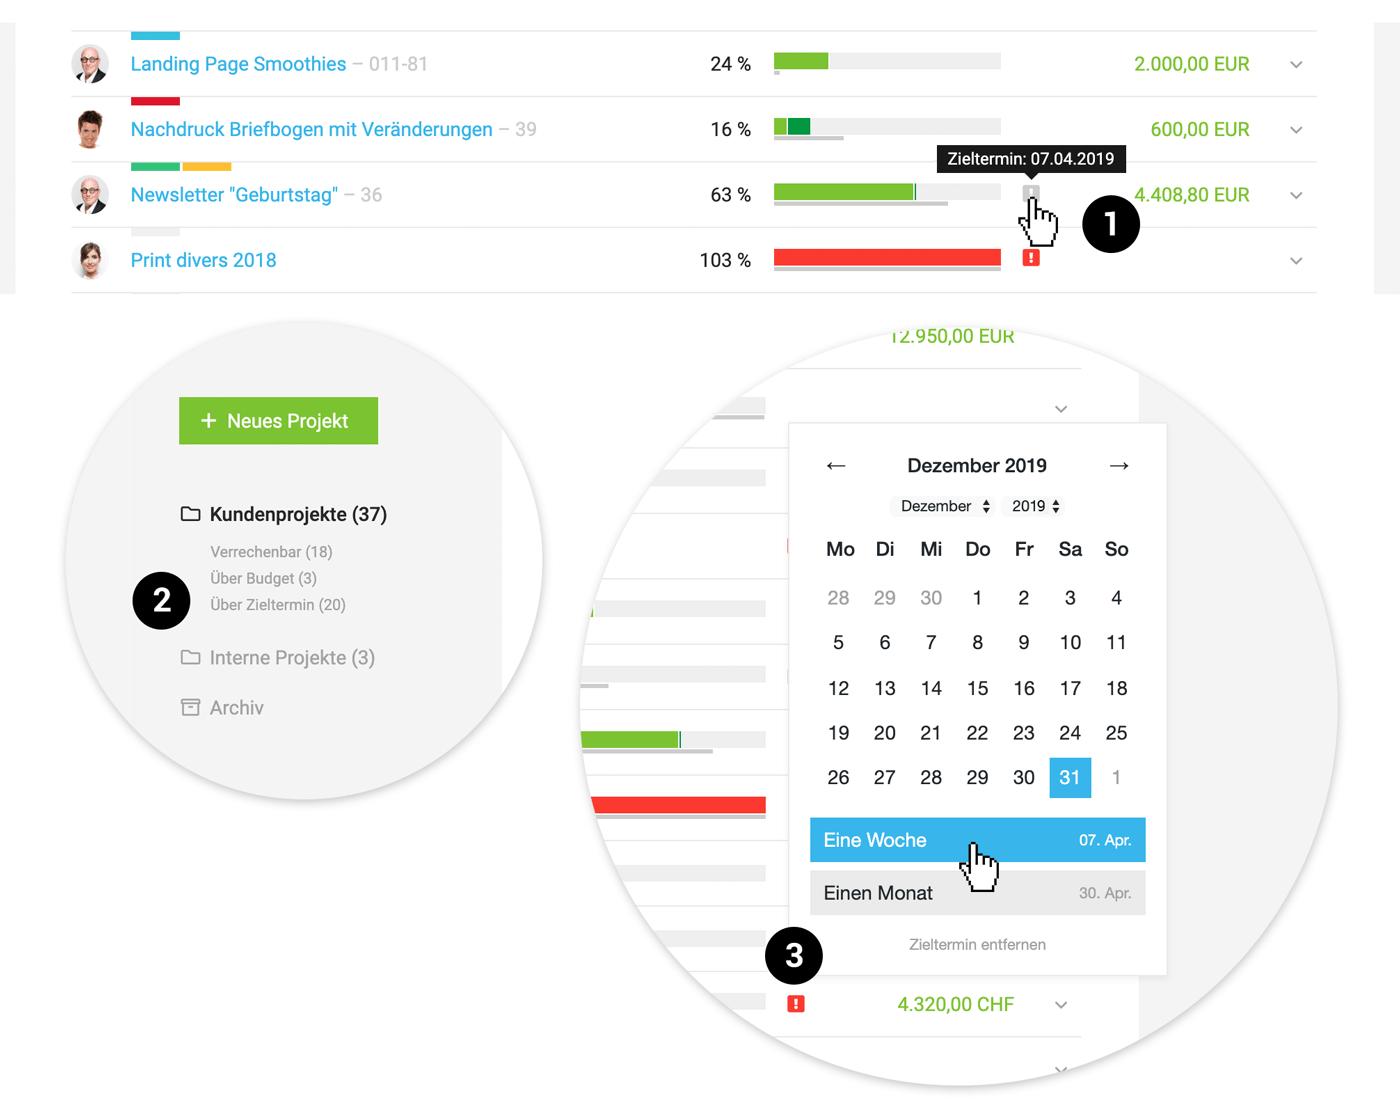 Hinweis zum Zieltermin in der Projektliste